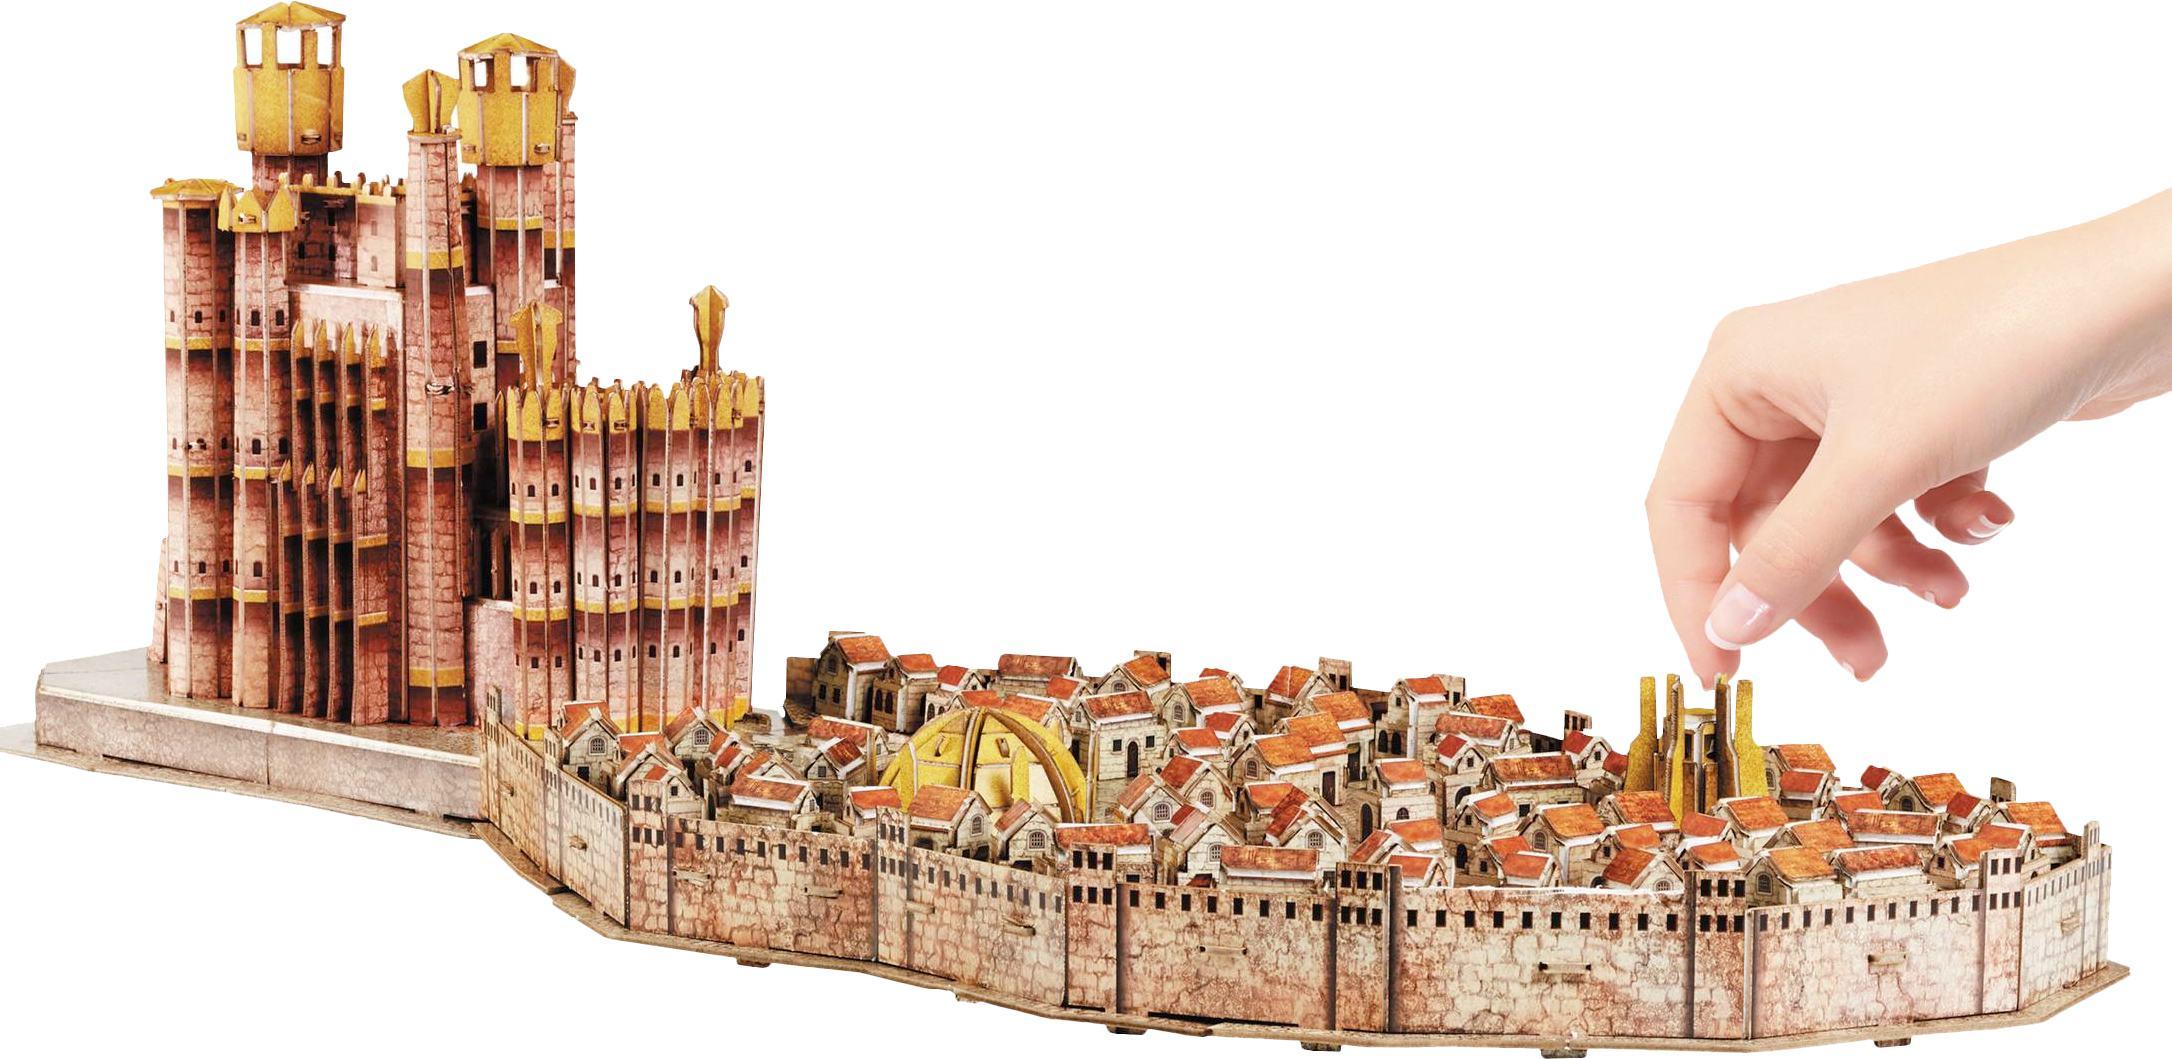 Quebra-Cabeca-Game-of-Thrones-3D-Puzzle-Kings-Landing-03